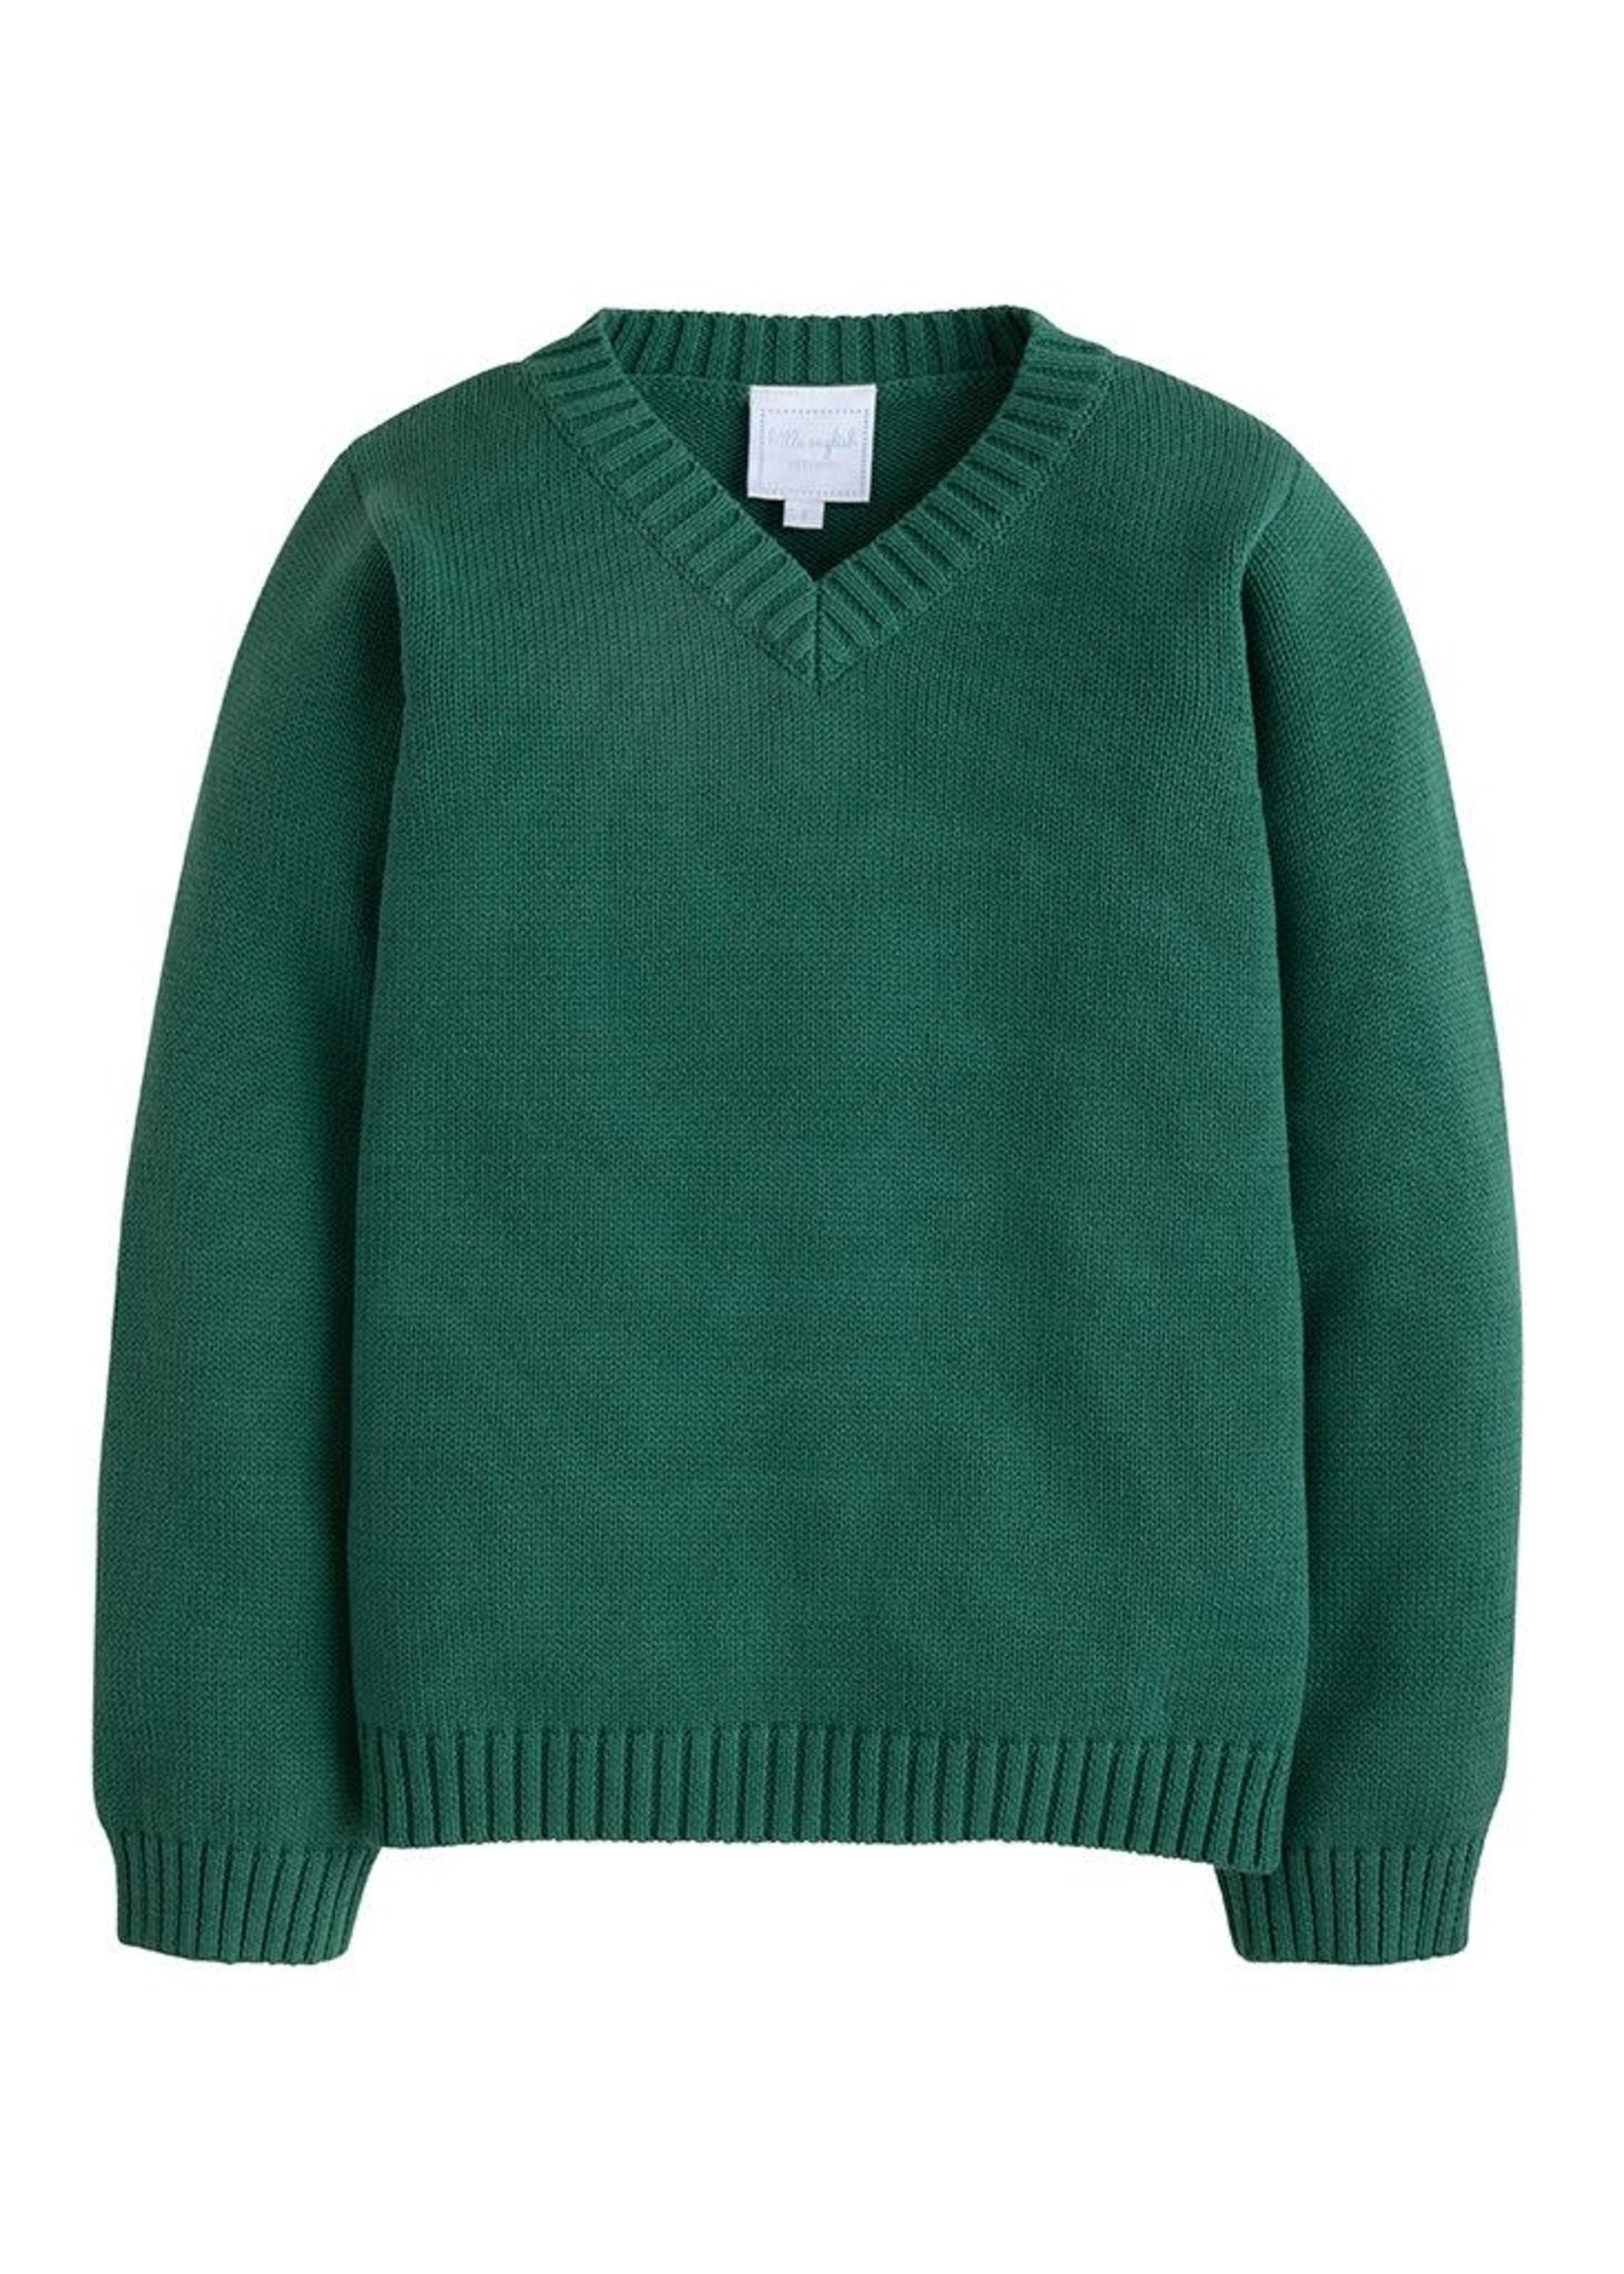 Little English V-Neck Sweater - Hunter Green